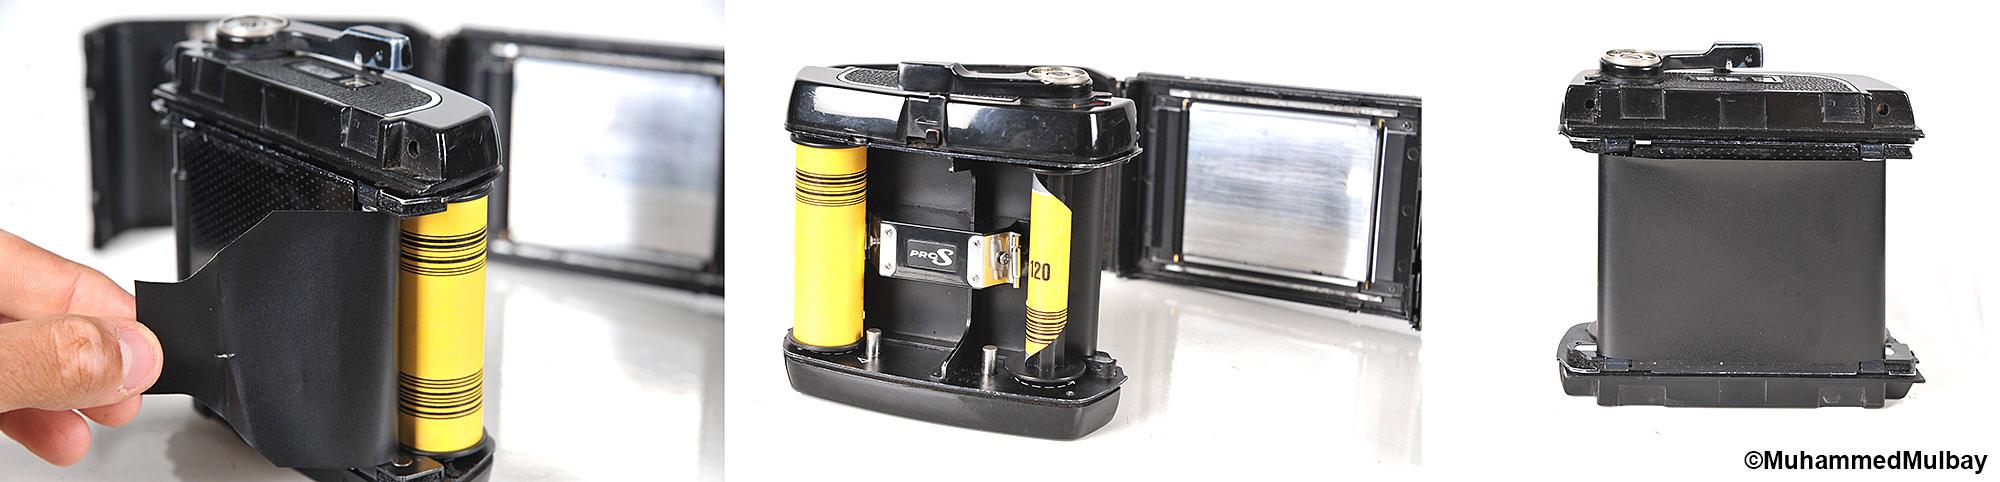 mamiya-rb67-kullanimi-analog-fotografcilik-11-